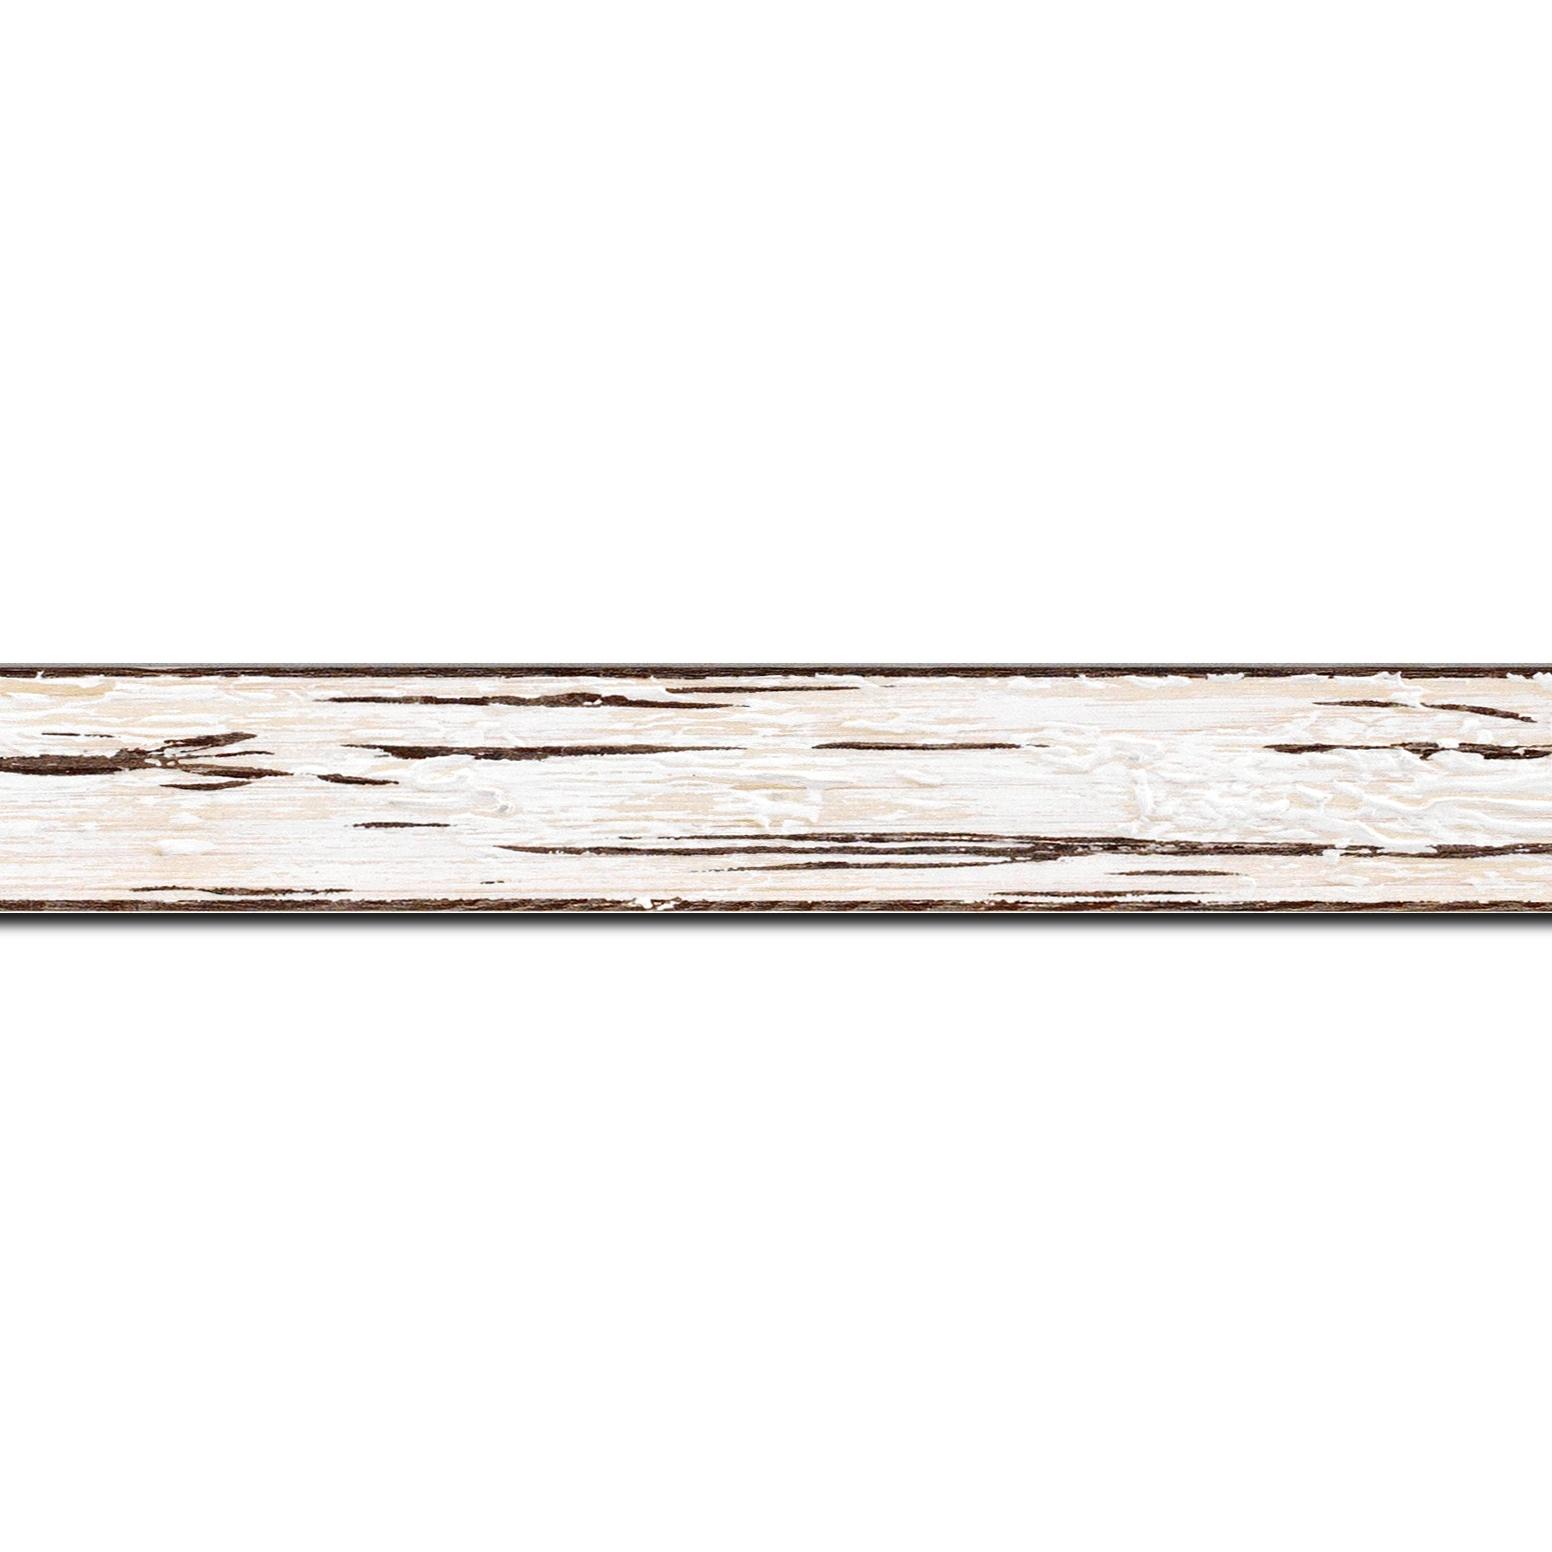 Pack par 12m, bois profil plat largeur 3.3cm couleur blanchie finition aspect vieilli antique   (longueur baguette pouvant varier entre 2.40m et 3m selon arrivage des bois)